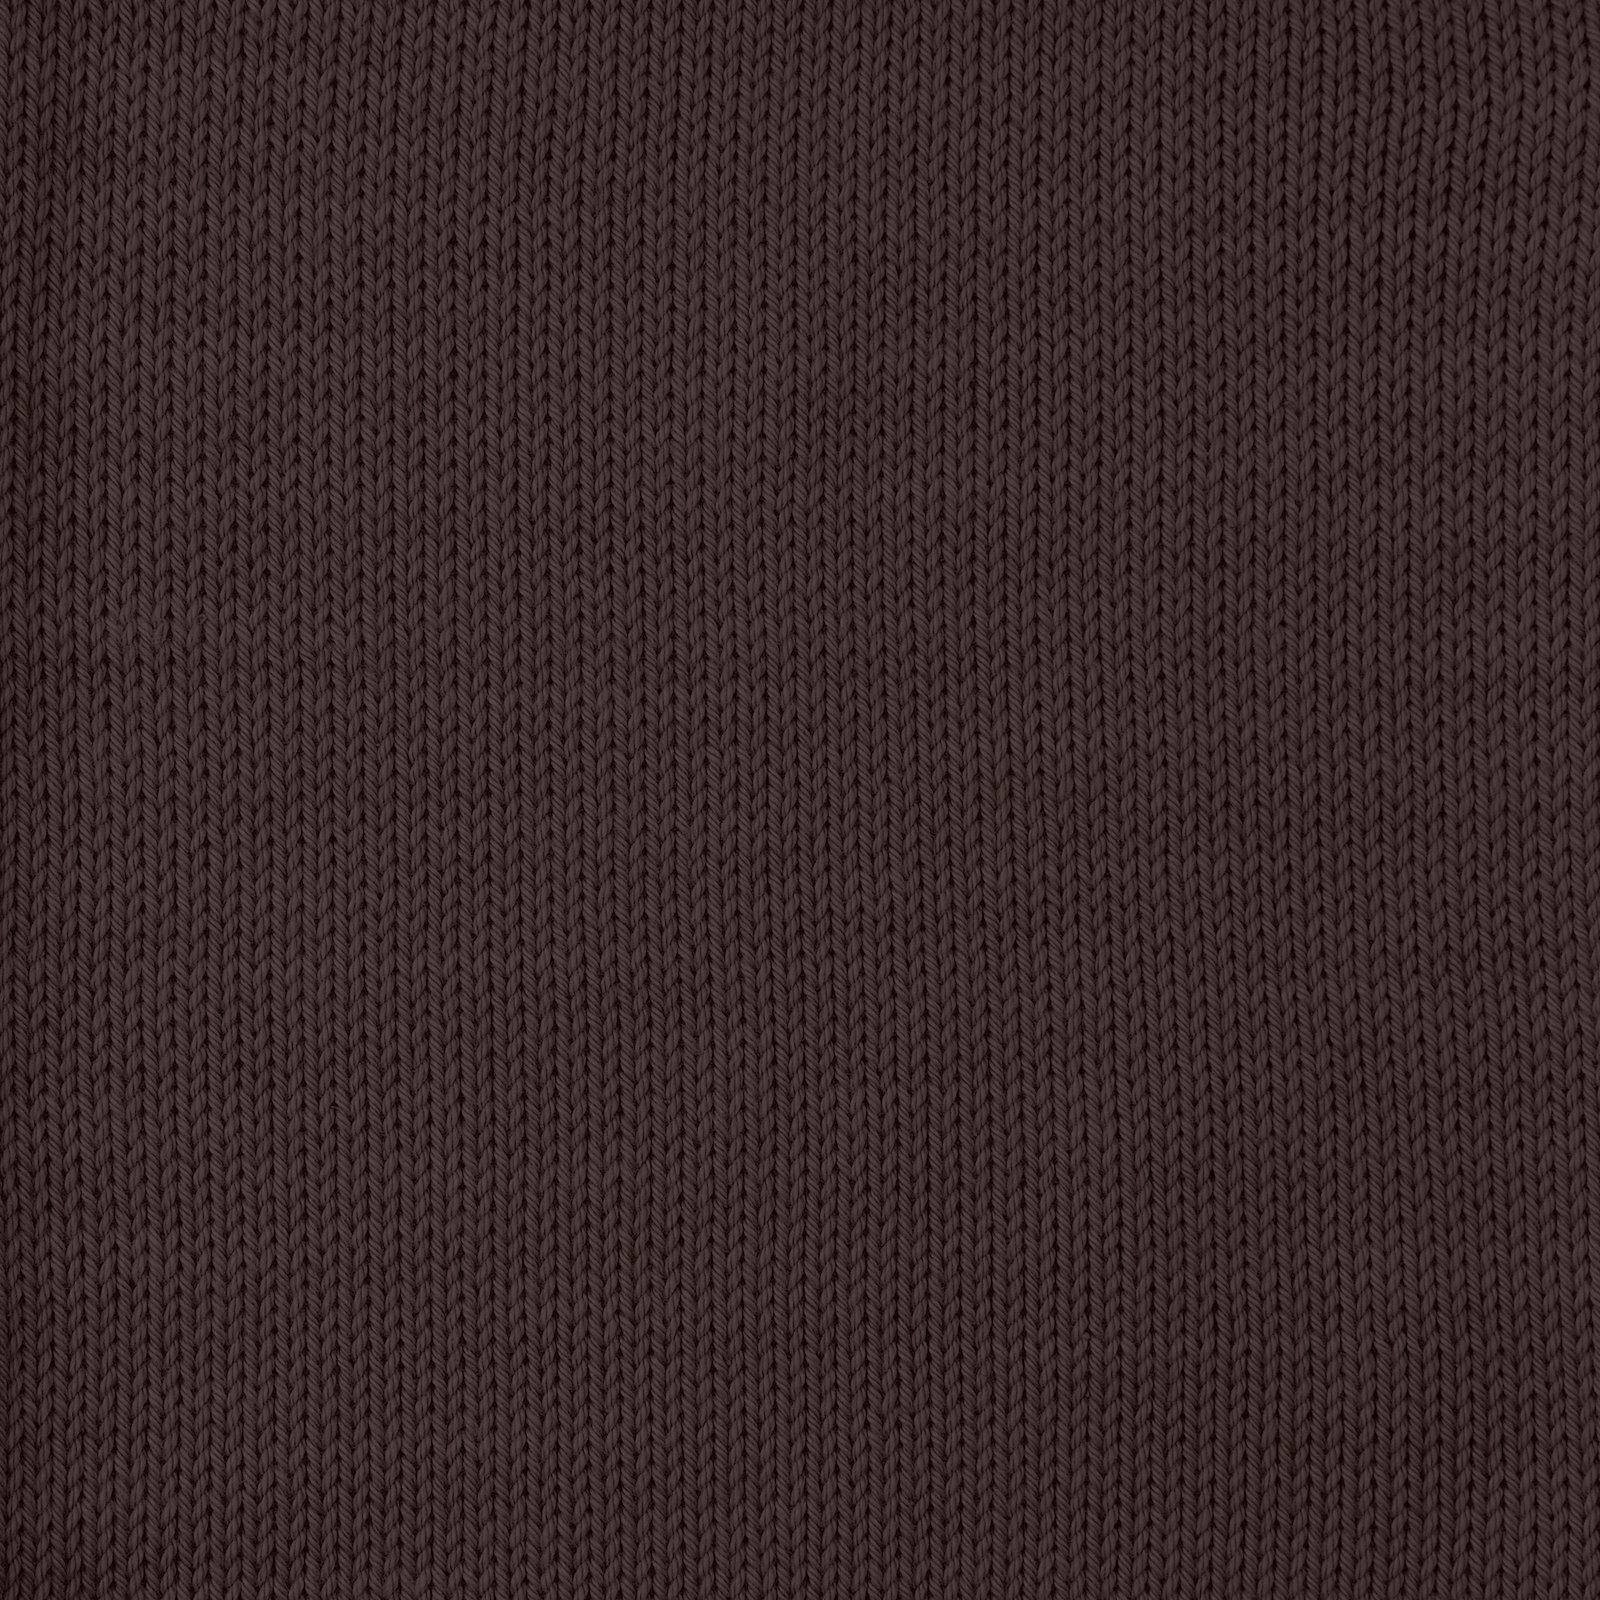 Colourful dark brown 50g 90060036_sskit